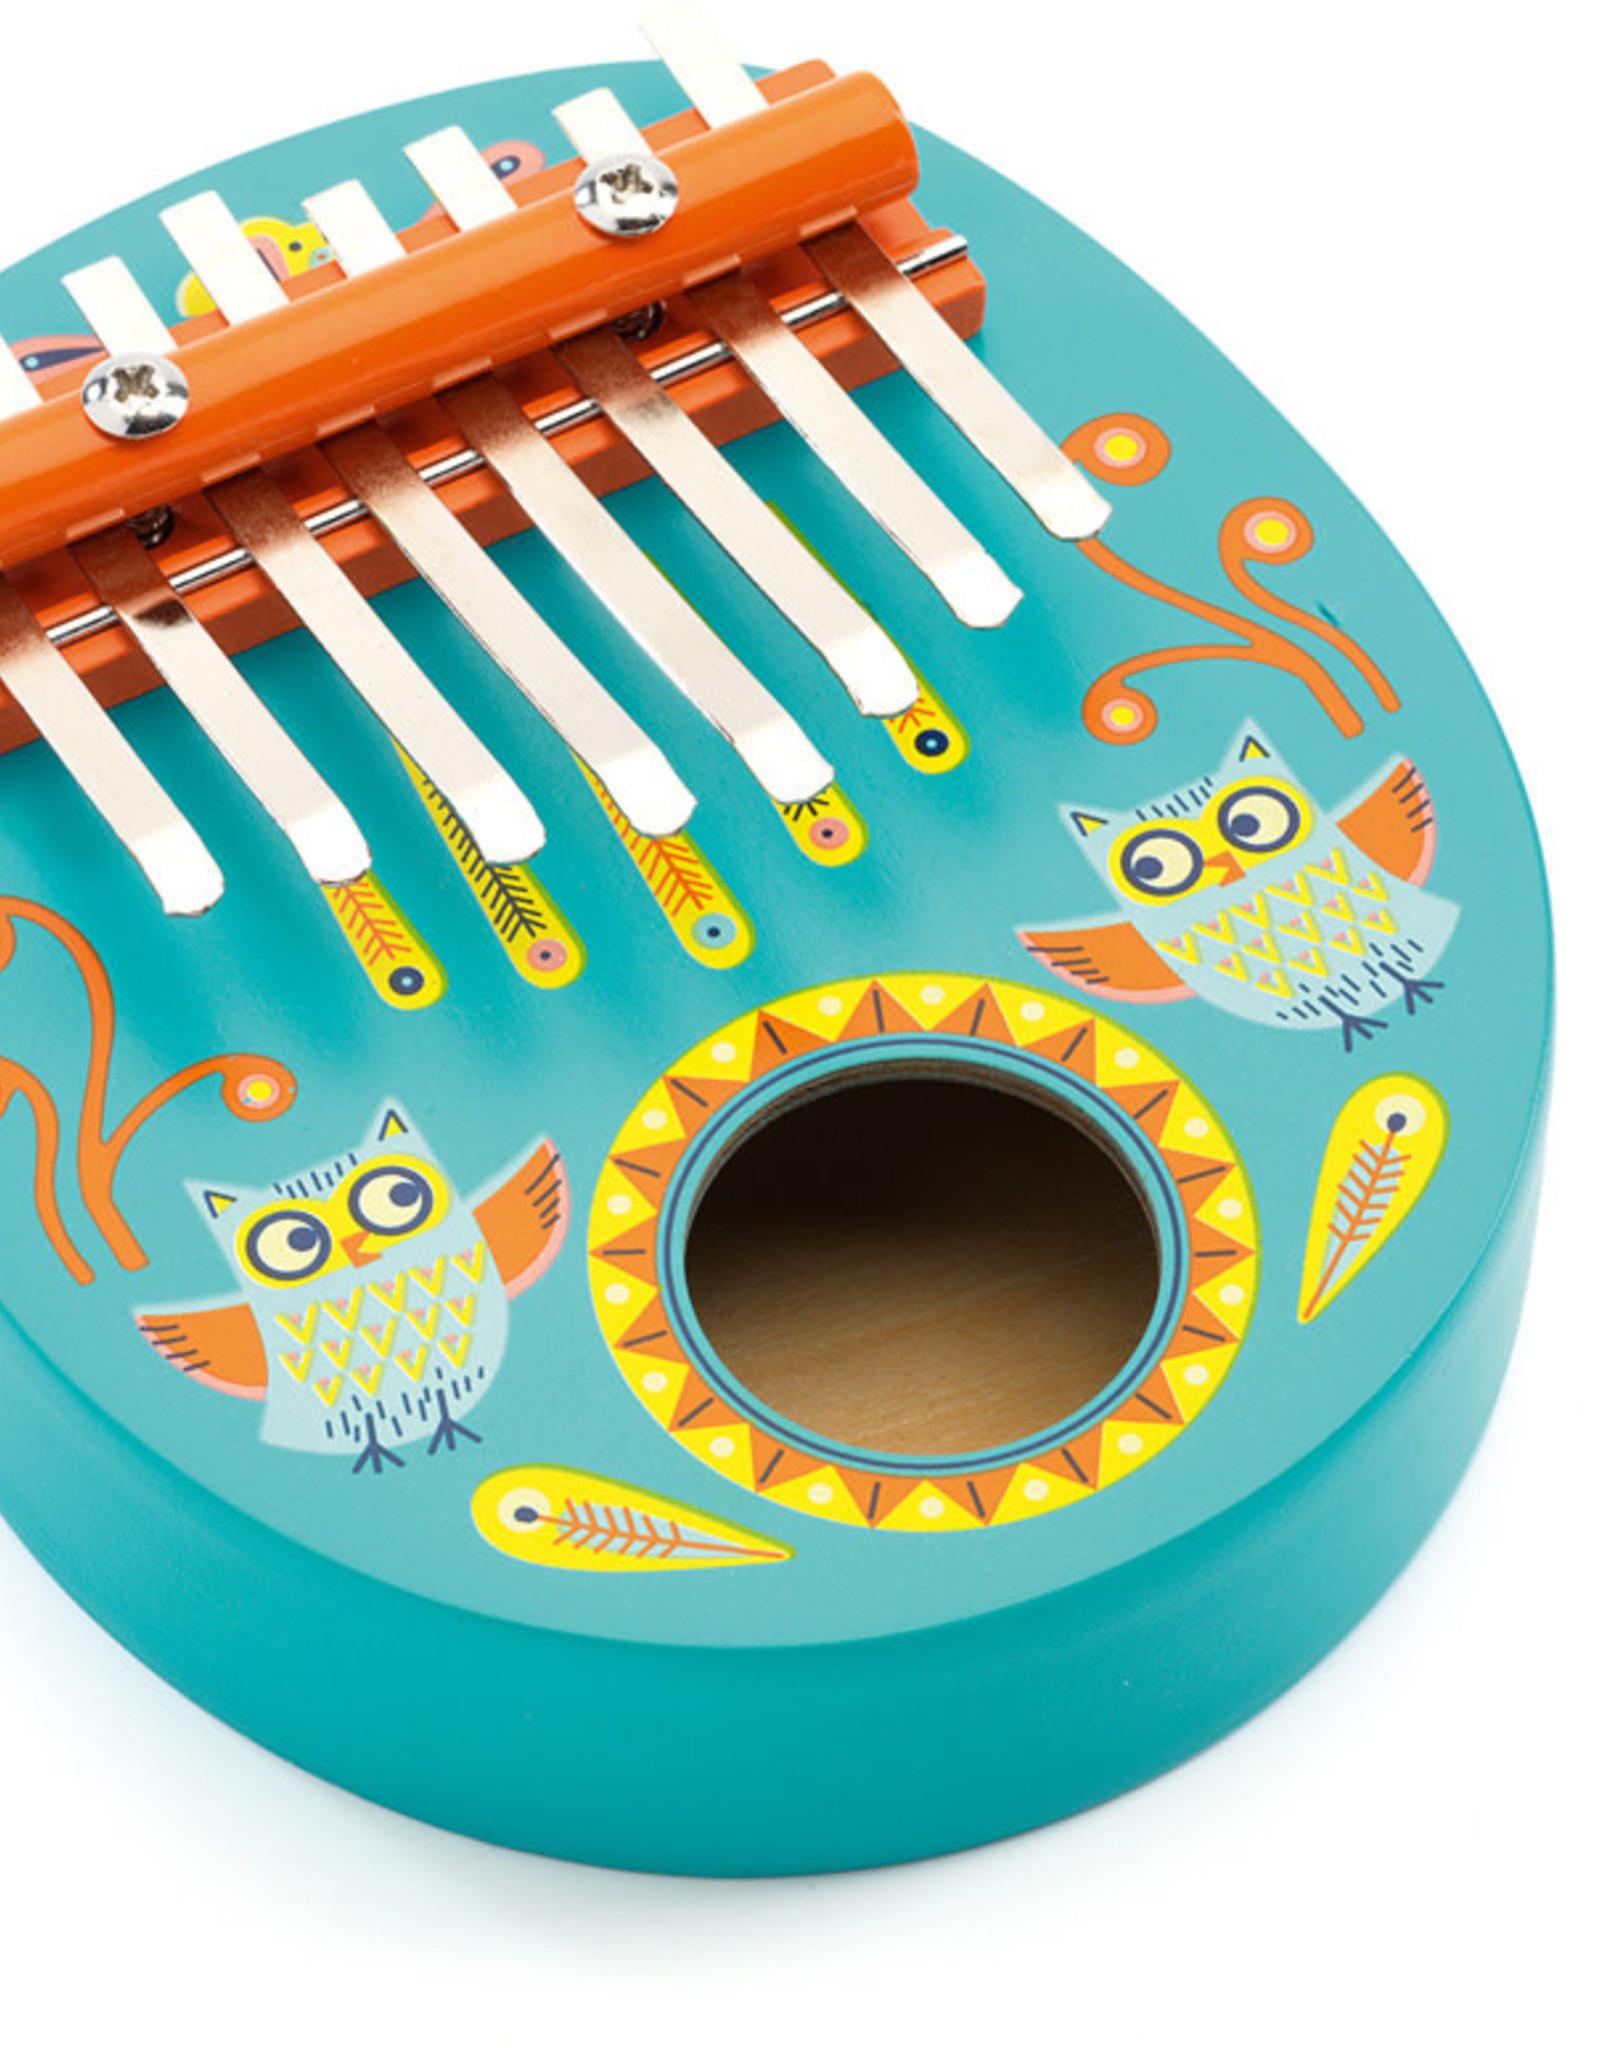 Animambo Kalimba Musical Instrument